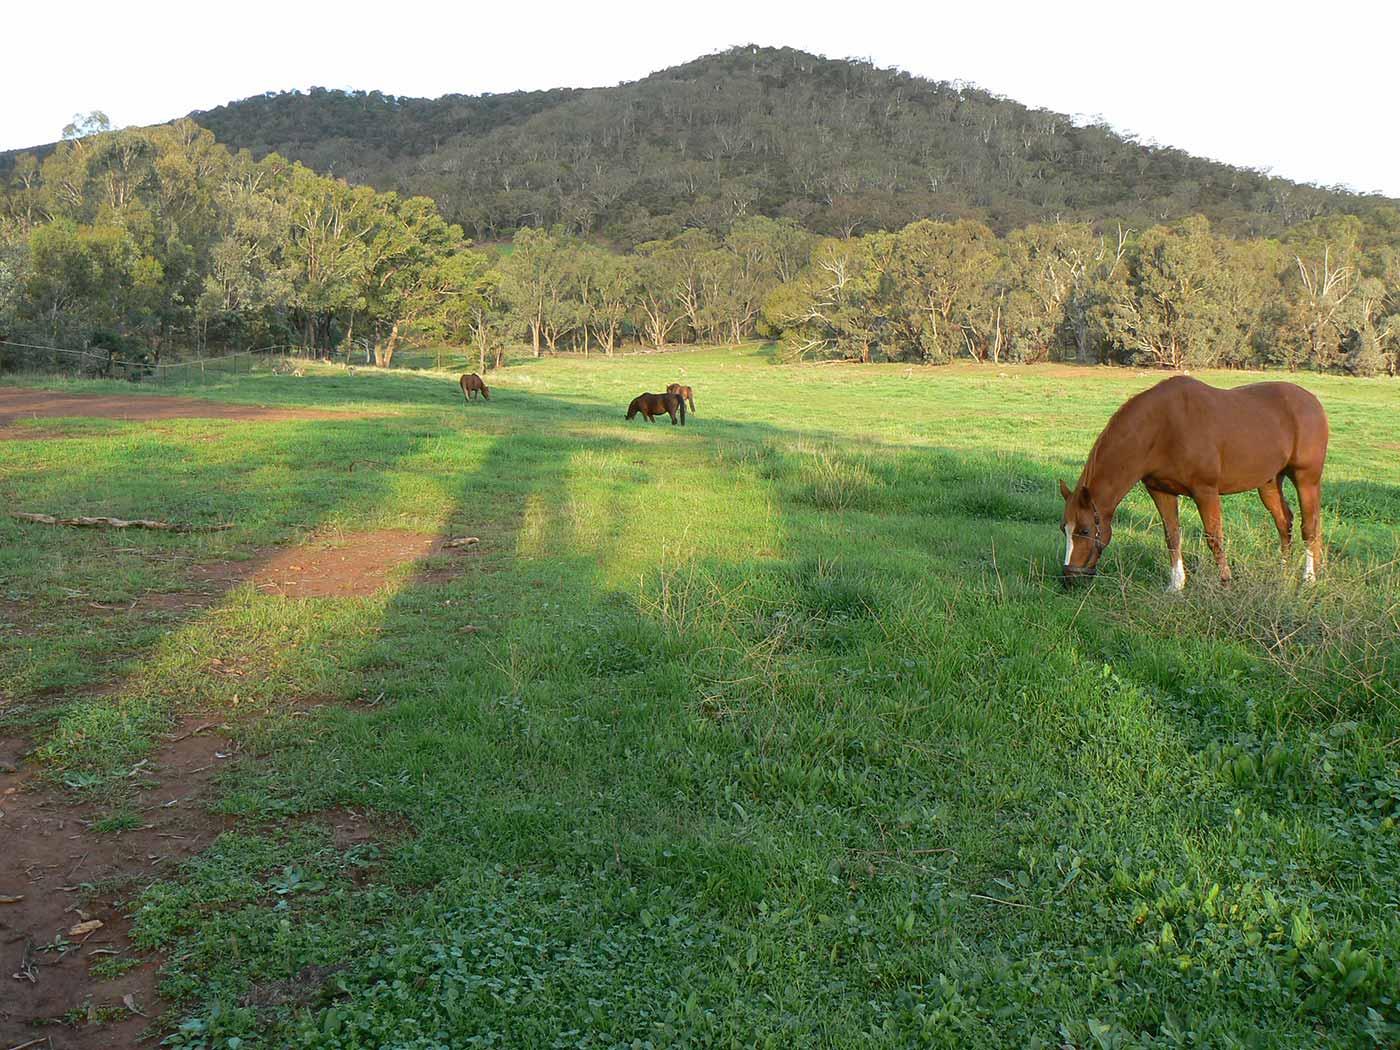 Horses grazing on grassy slopes.